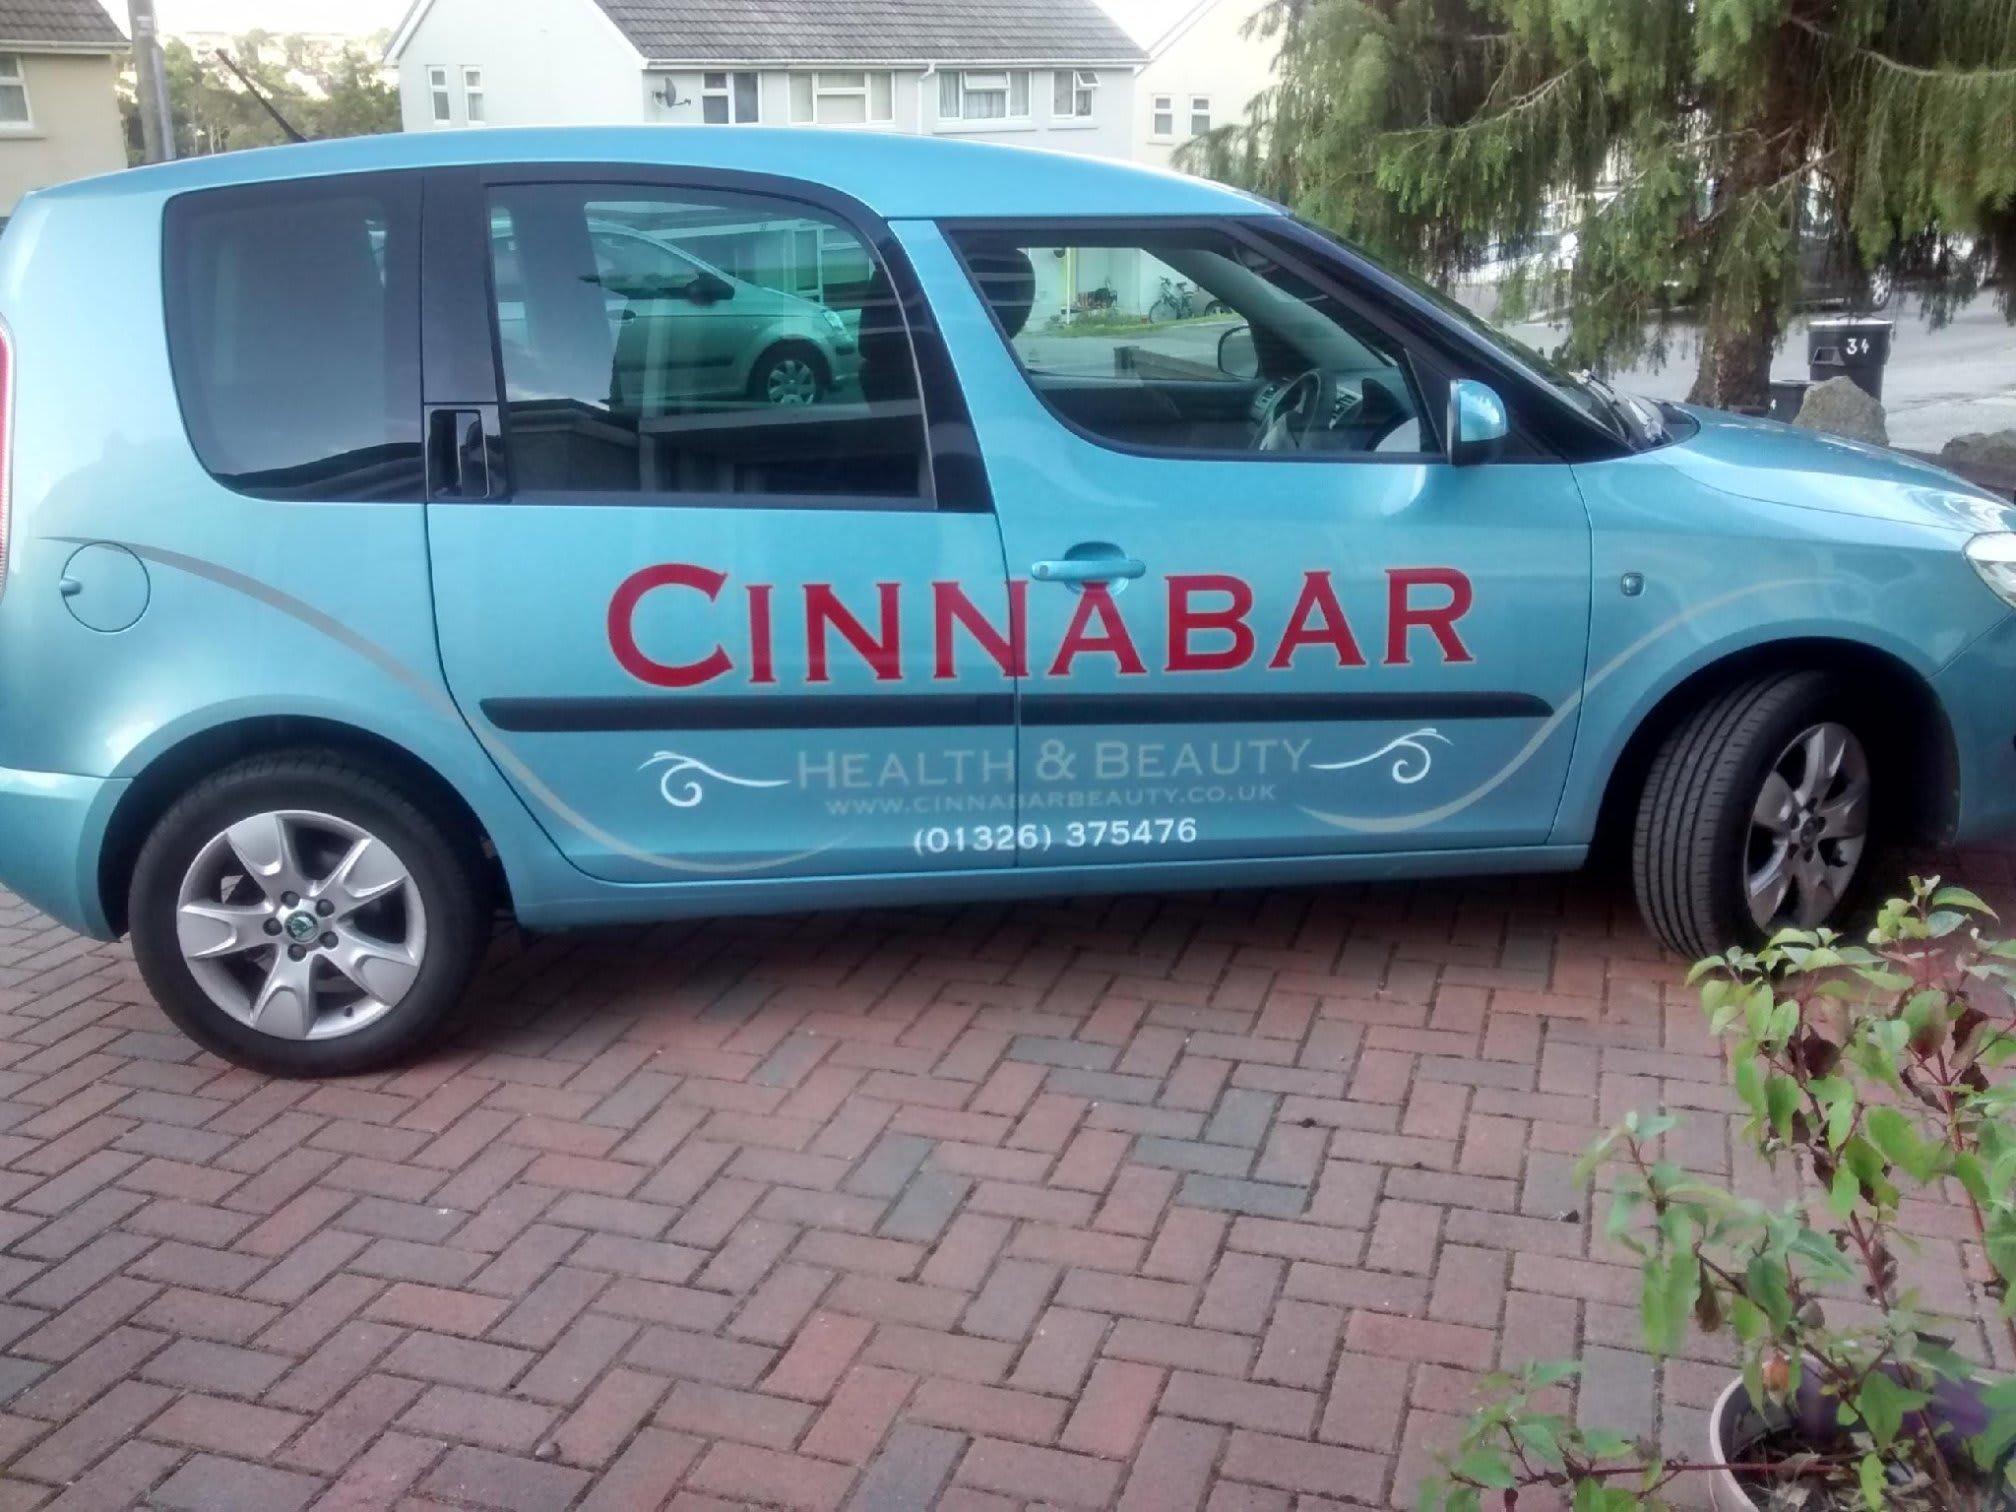 Cinnabar Health & Beauty Centre Falmouth 01326 375476